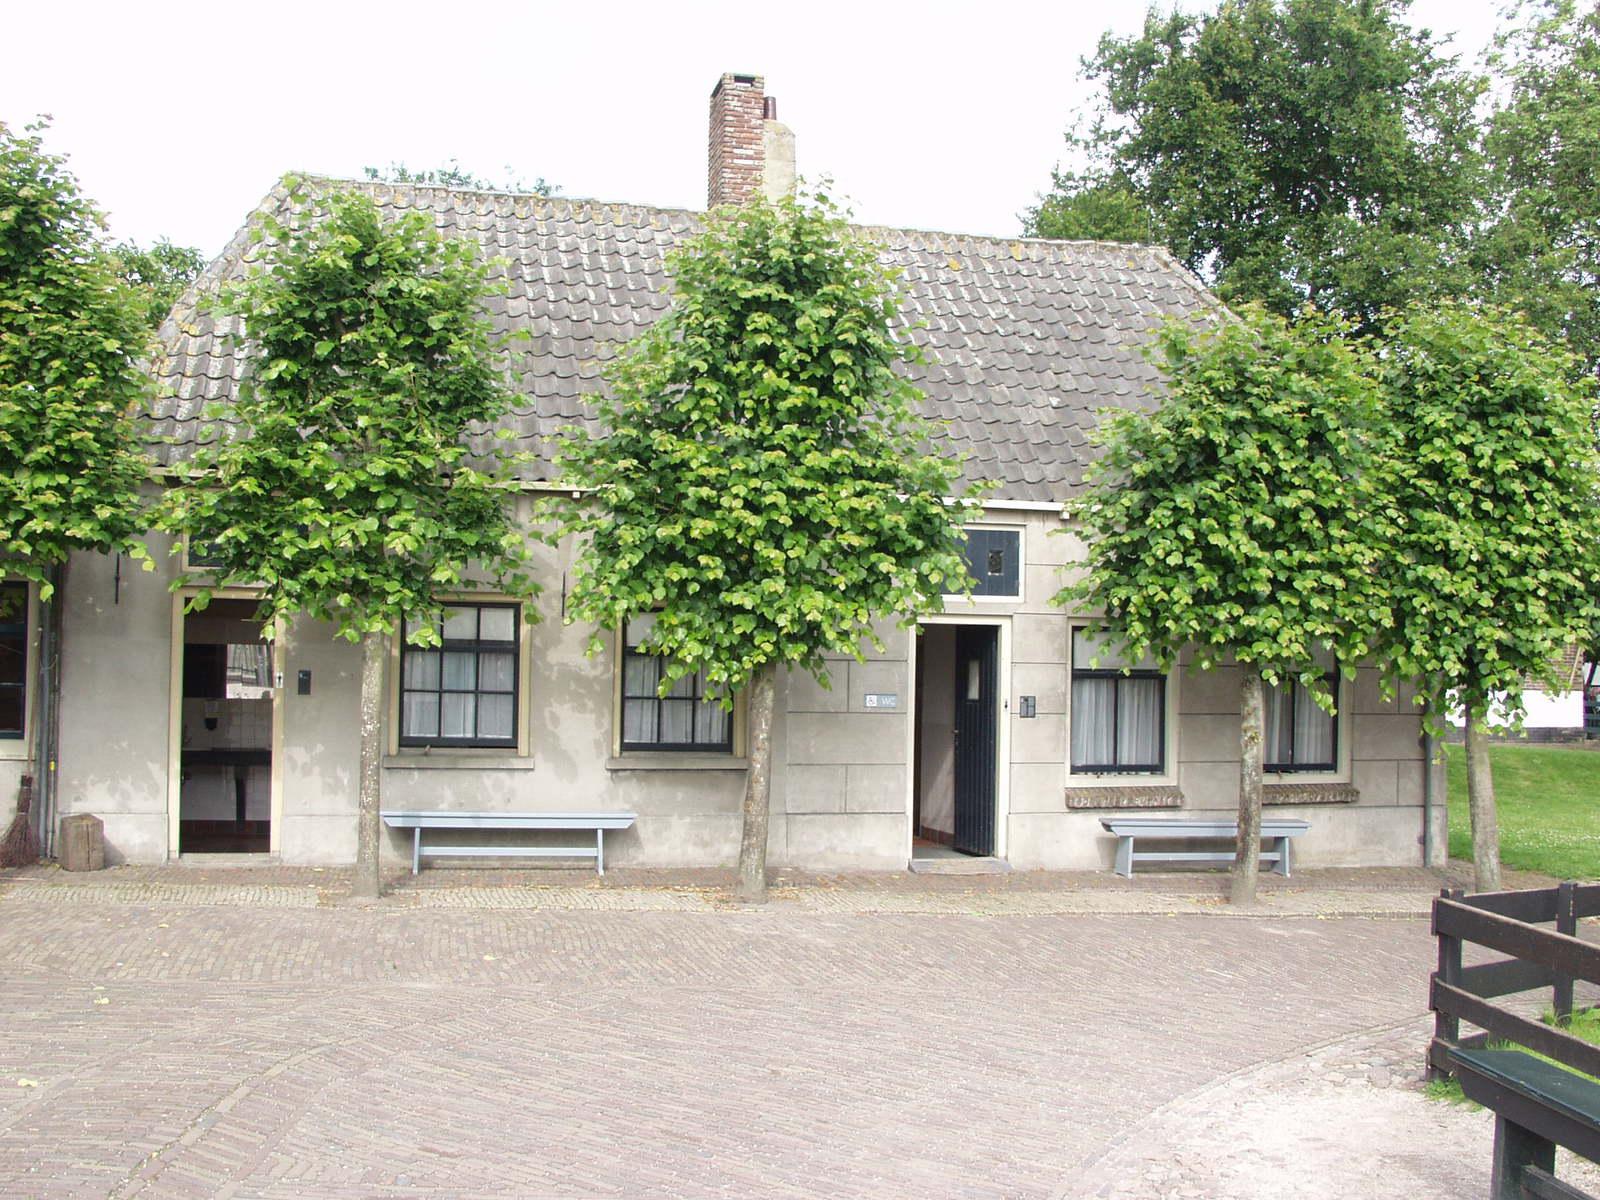 Schokkerhuis